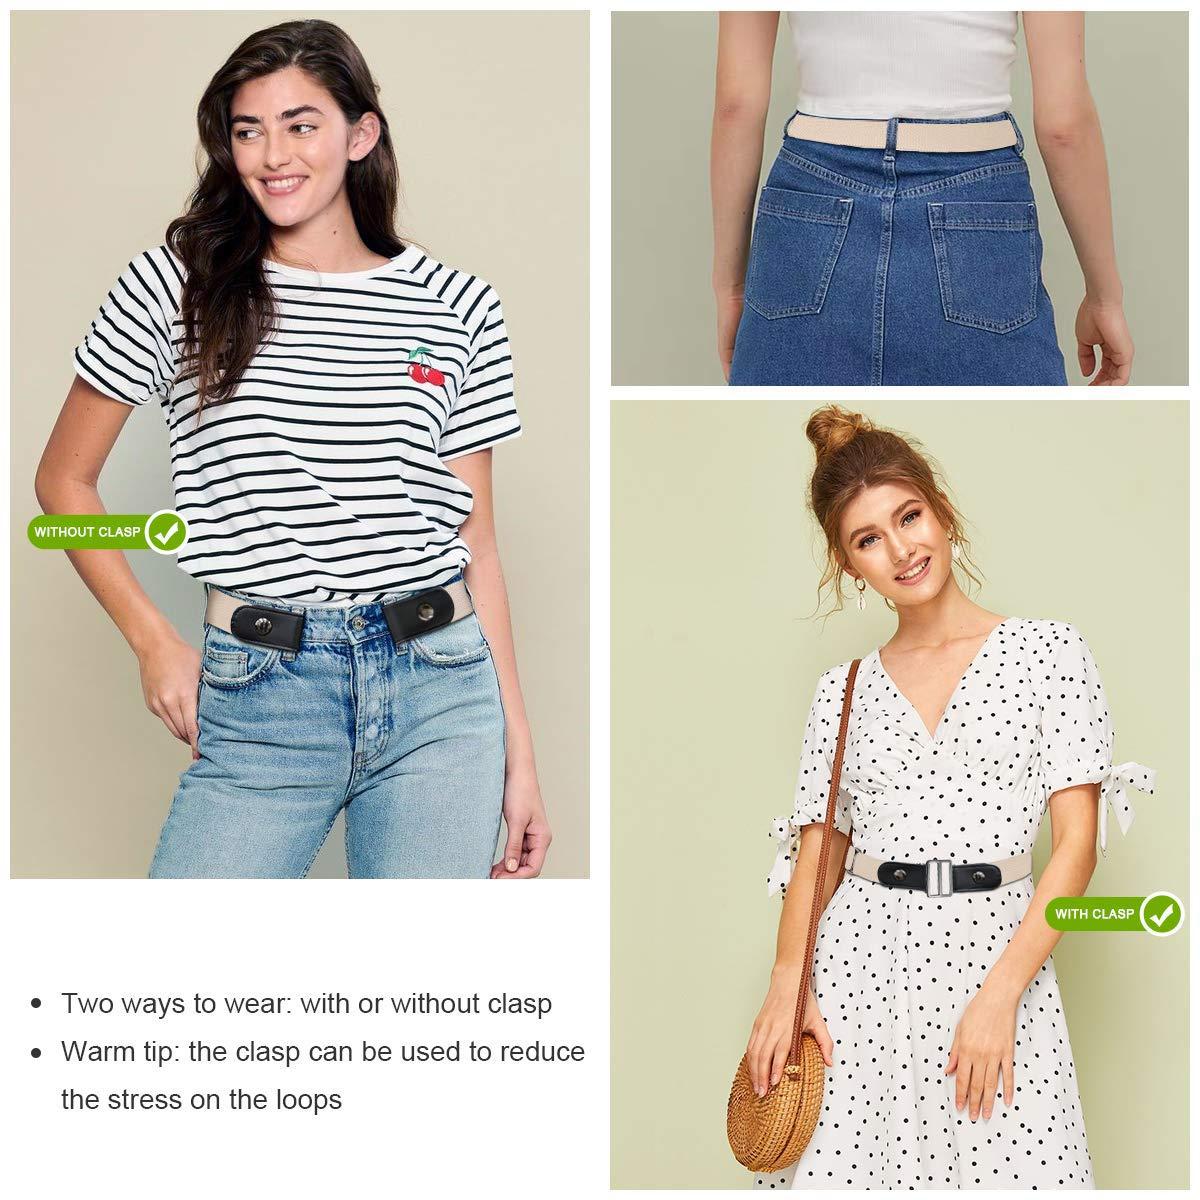 CNNIK 3 pezzi cintura elasticizzata senza fibbia con fibbie extra per donna e uomo cintura elastica in vita fino a 78 pollici per pantaloni jeans